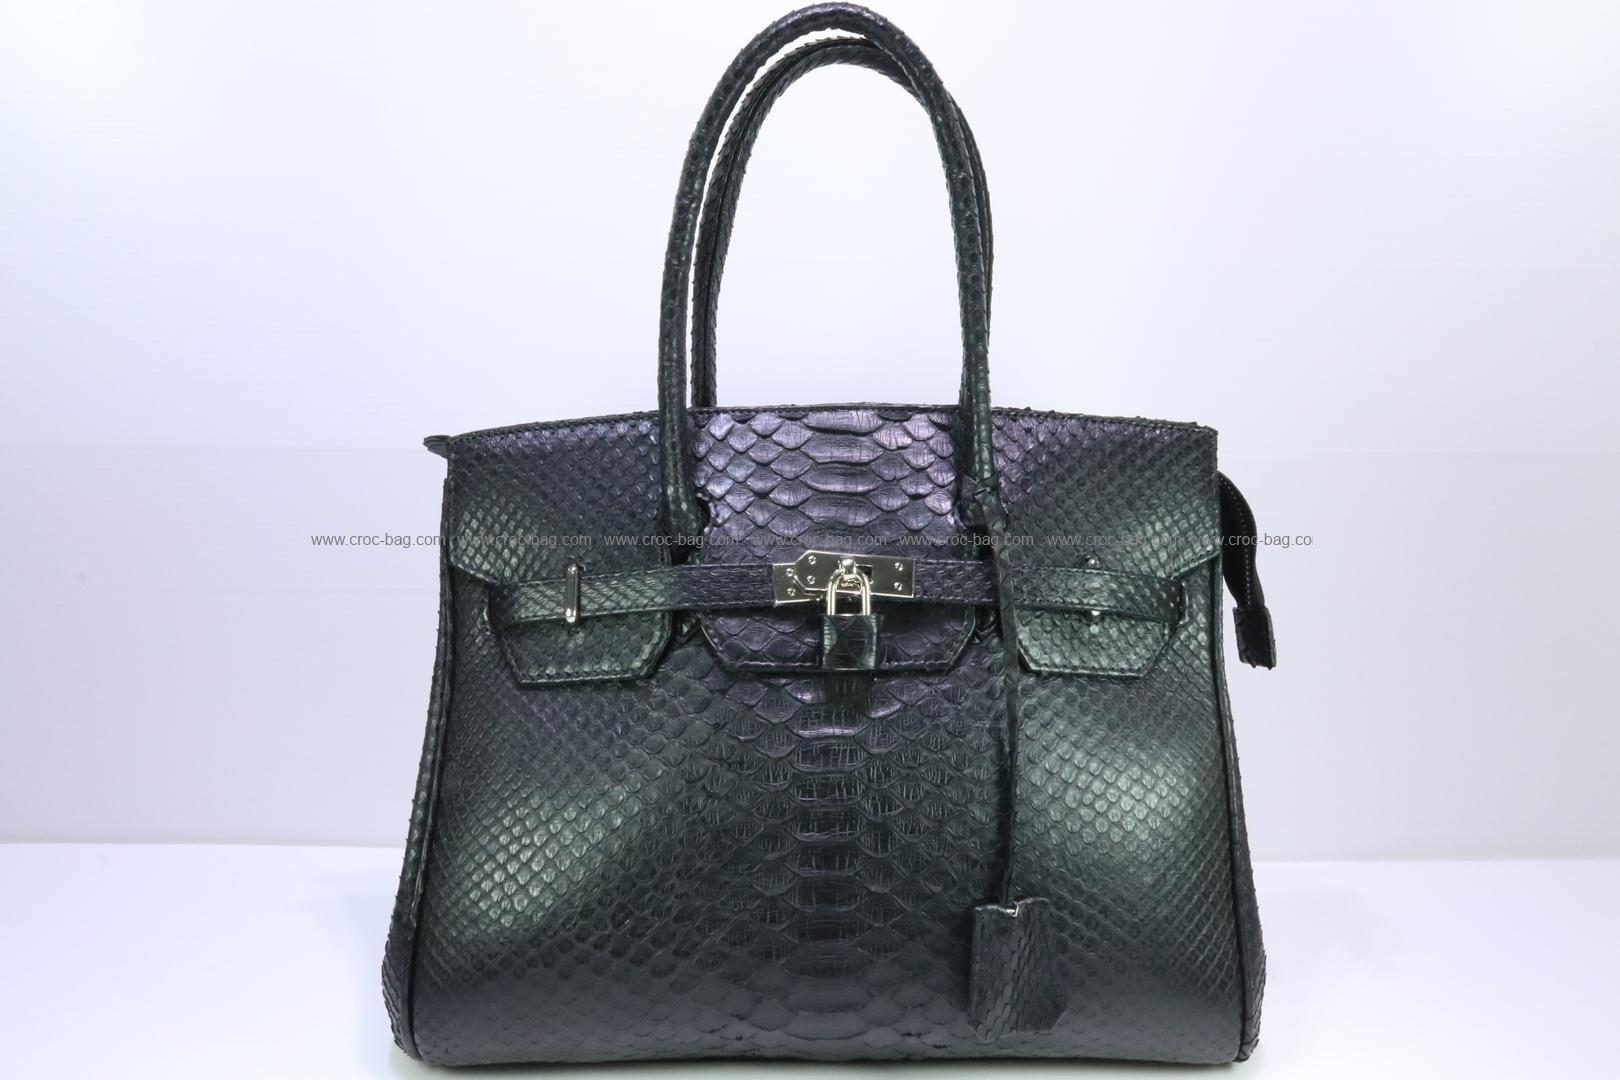 กระเป๋าถือหนังงูเหลือมสำหรับผู้หญิง 3091